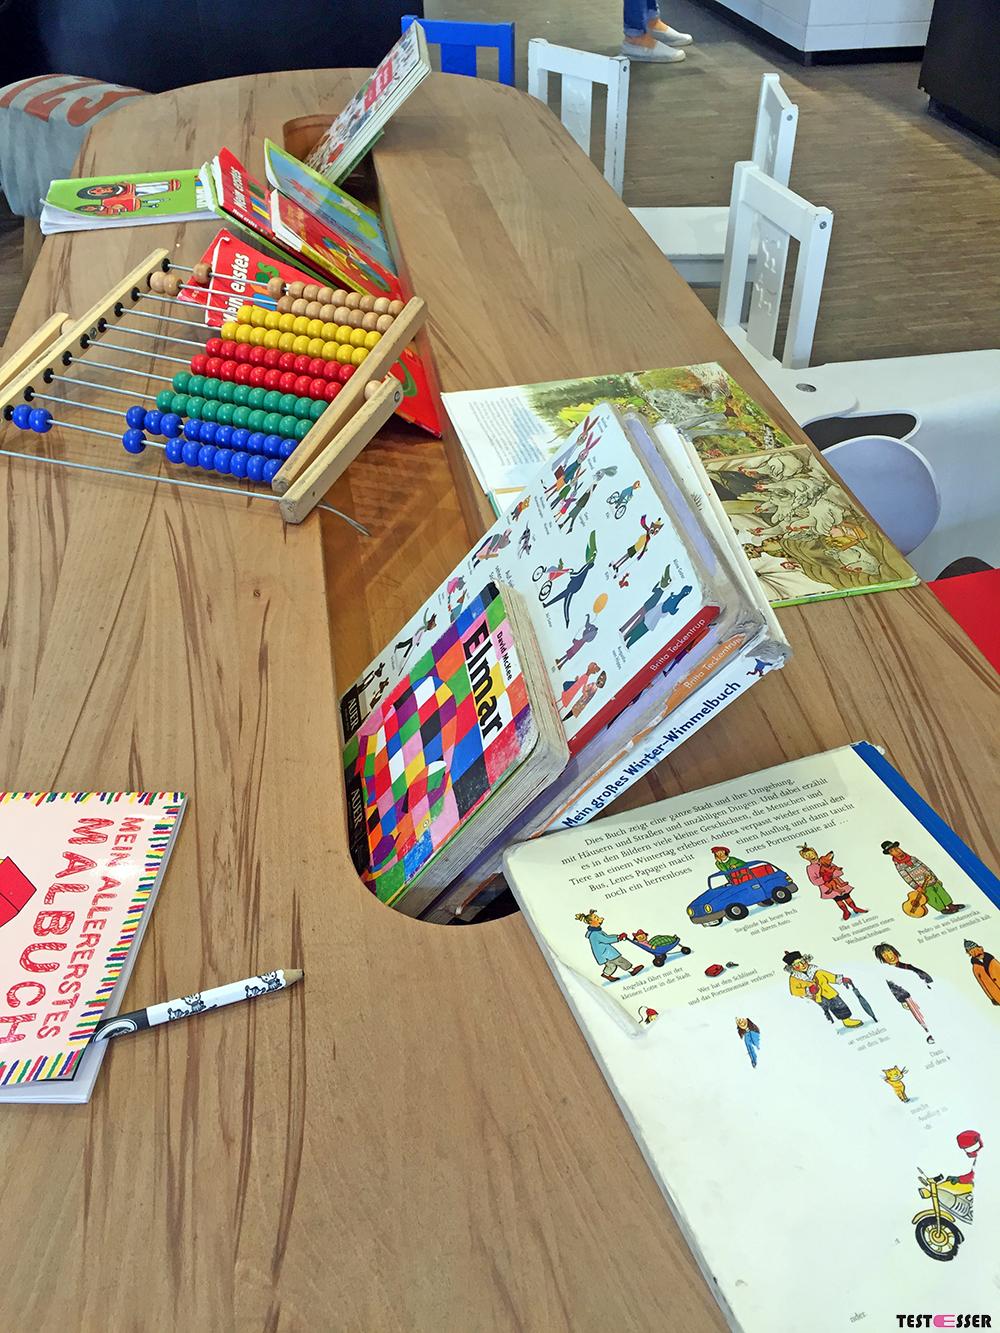 Auer Kindercafé | Testesser